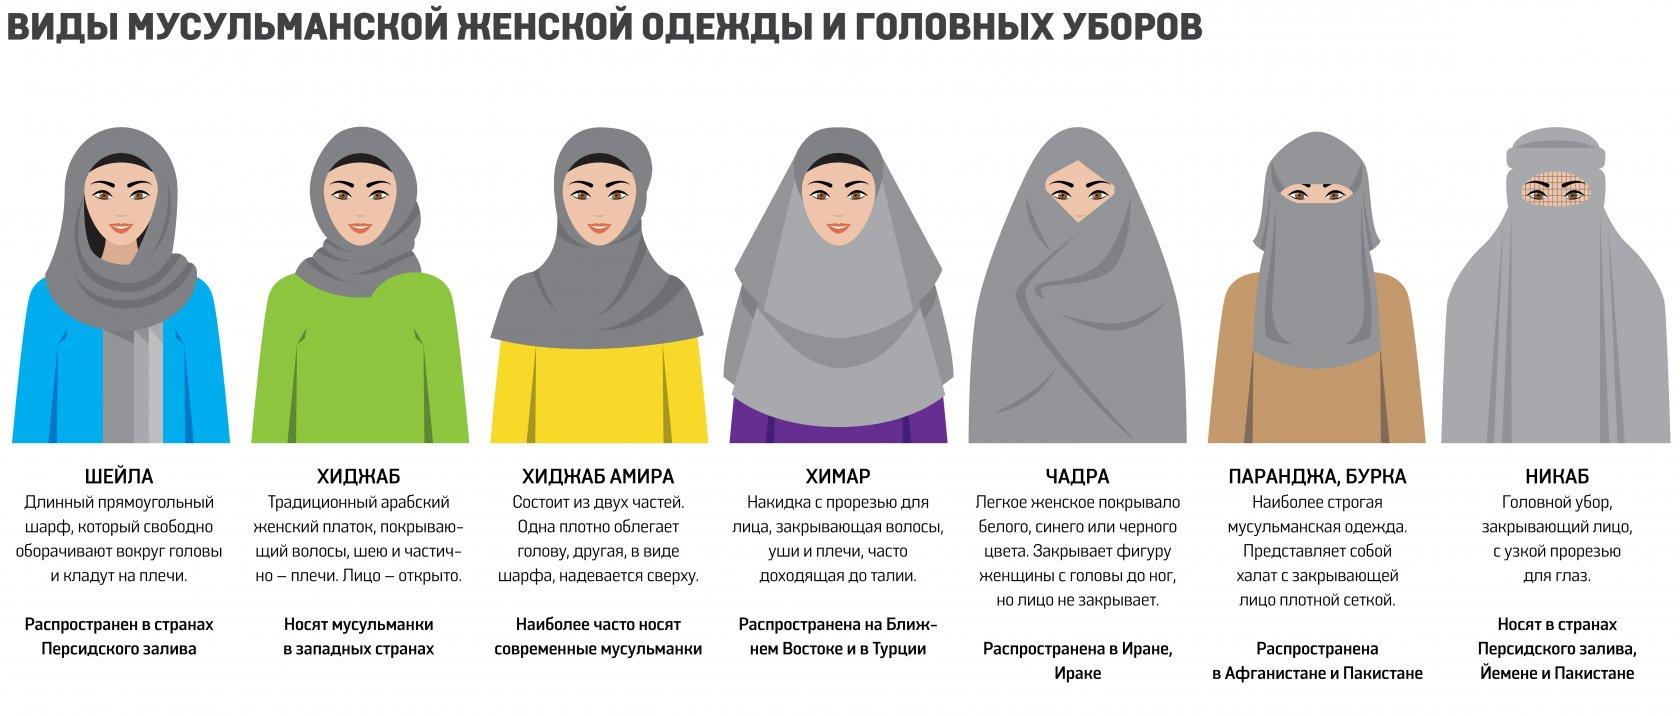 Можно ли носить мусульманскую одежду